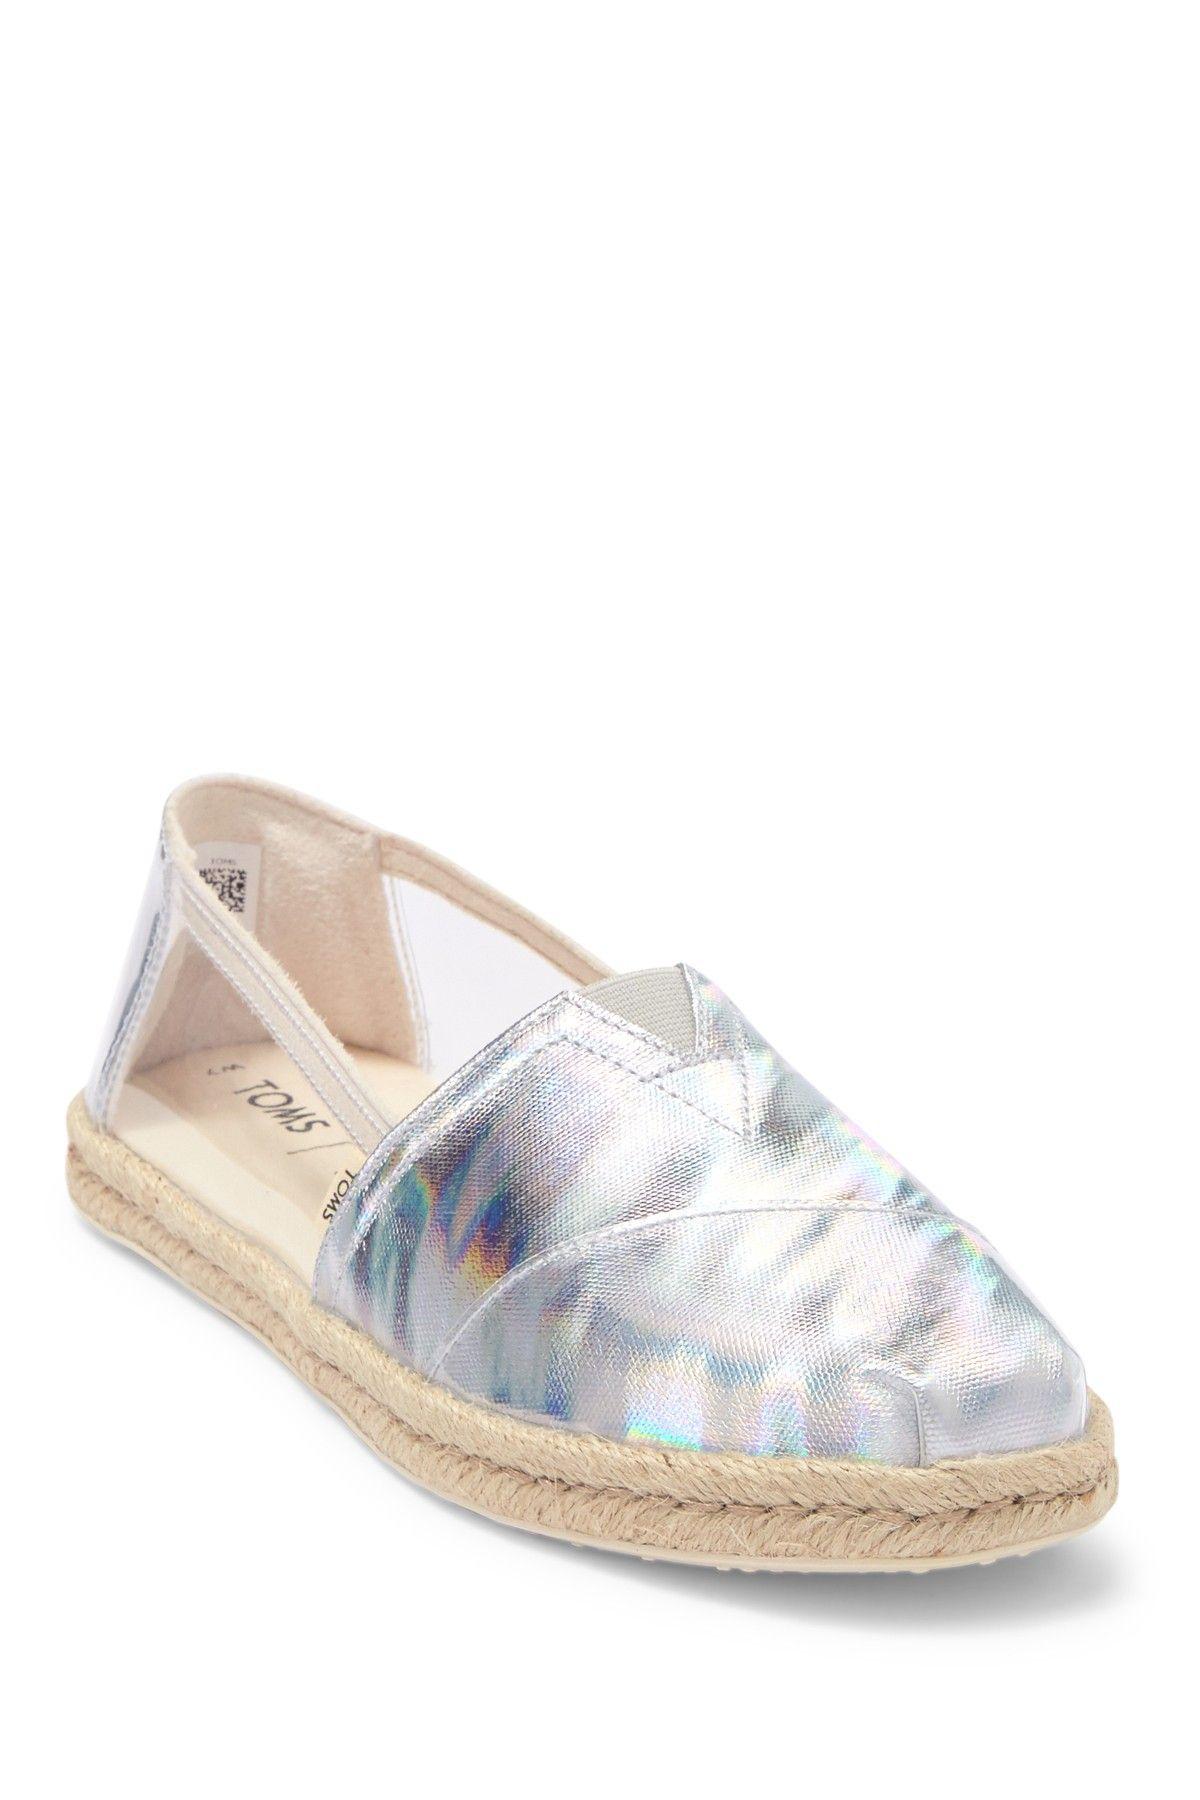 TOMS | Alpargata Slip-On Espadrille Shoe #nordstromrack